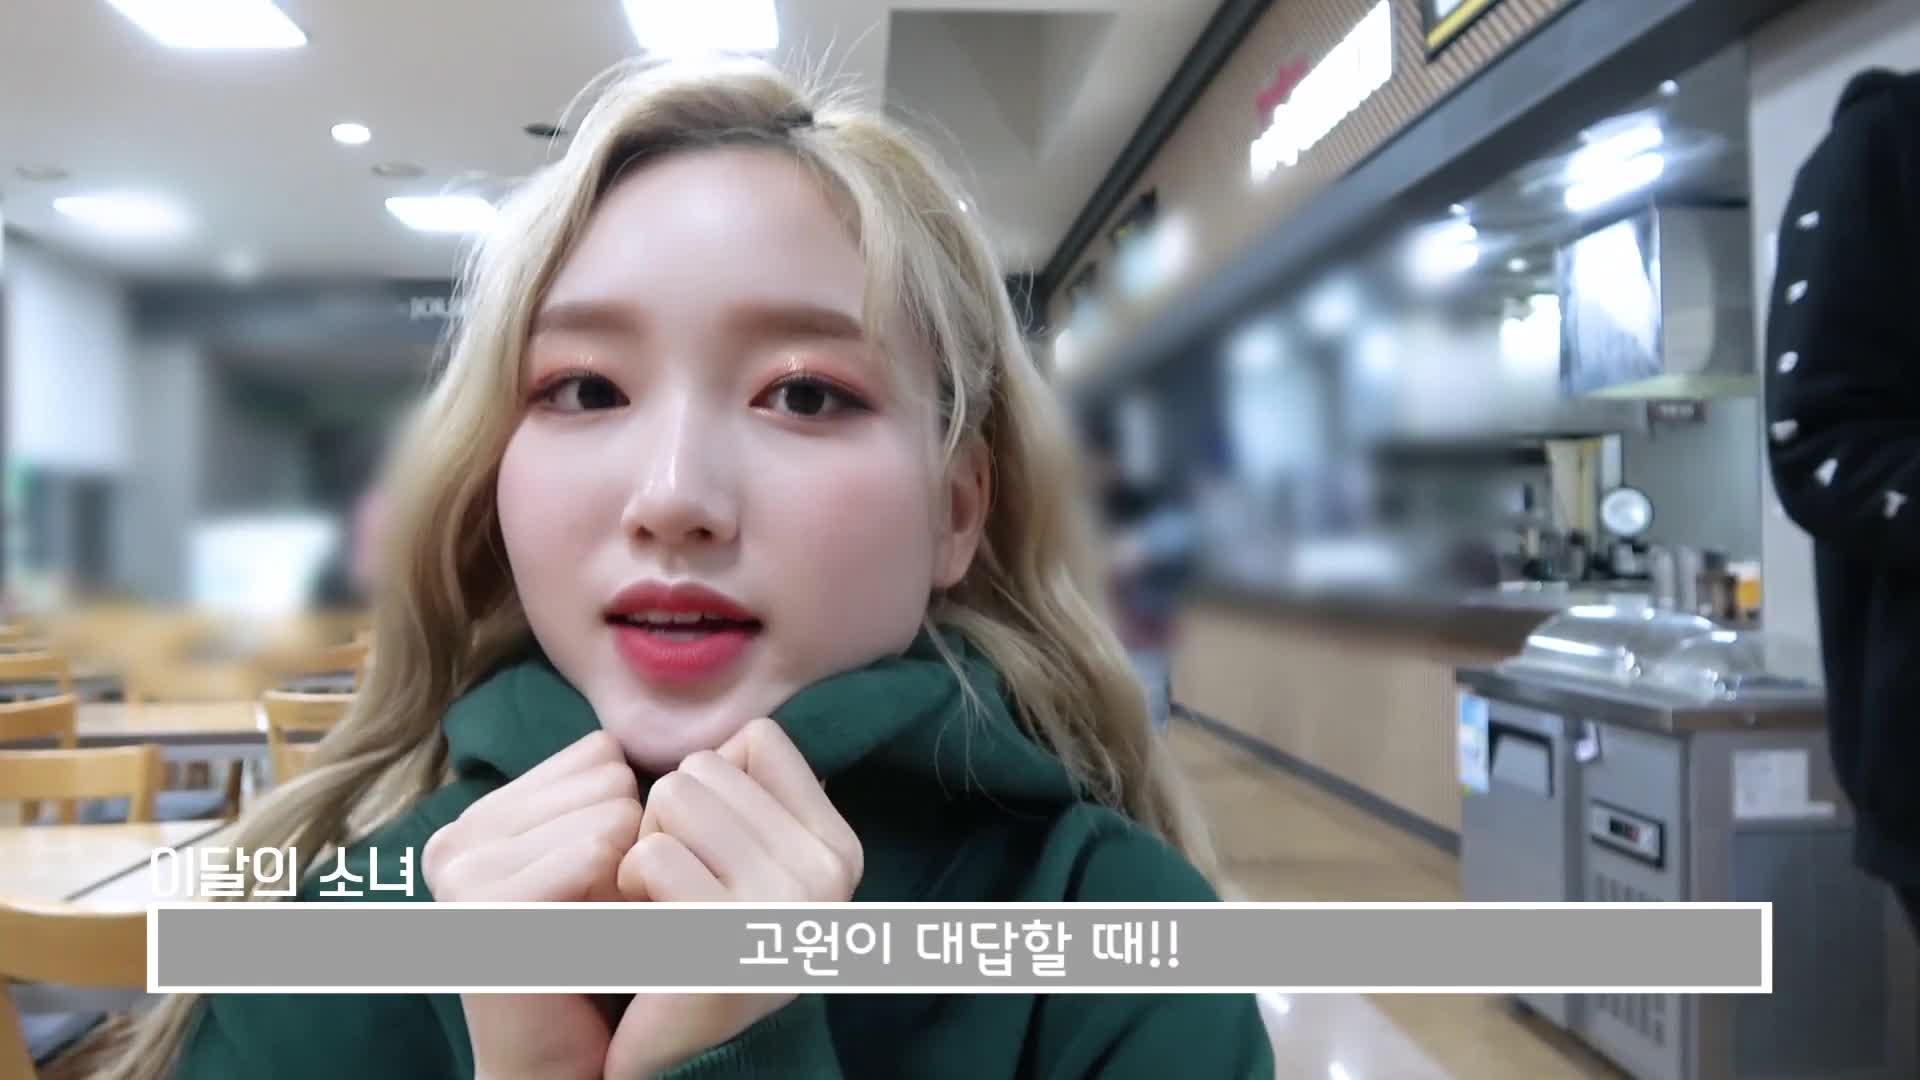 이달의소녀탐구 #524 (LOONA TV #524) 1 GIFs